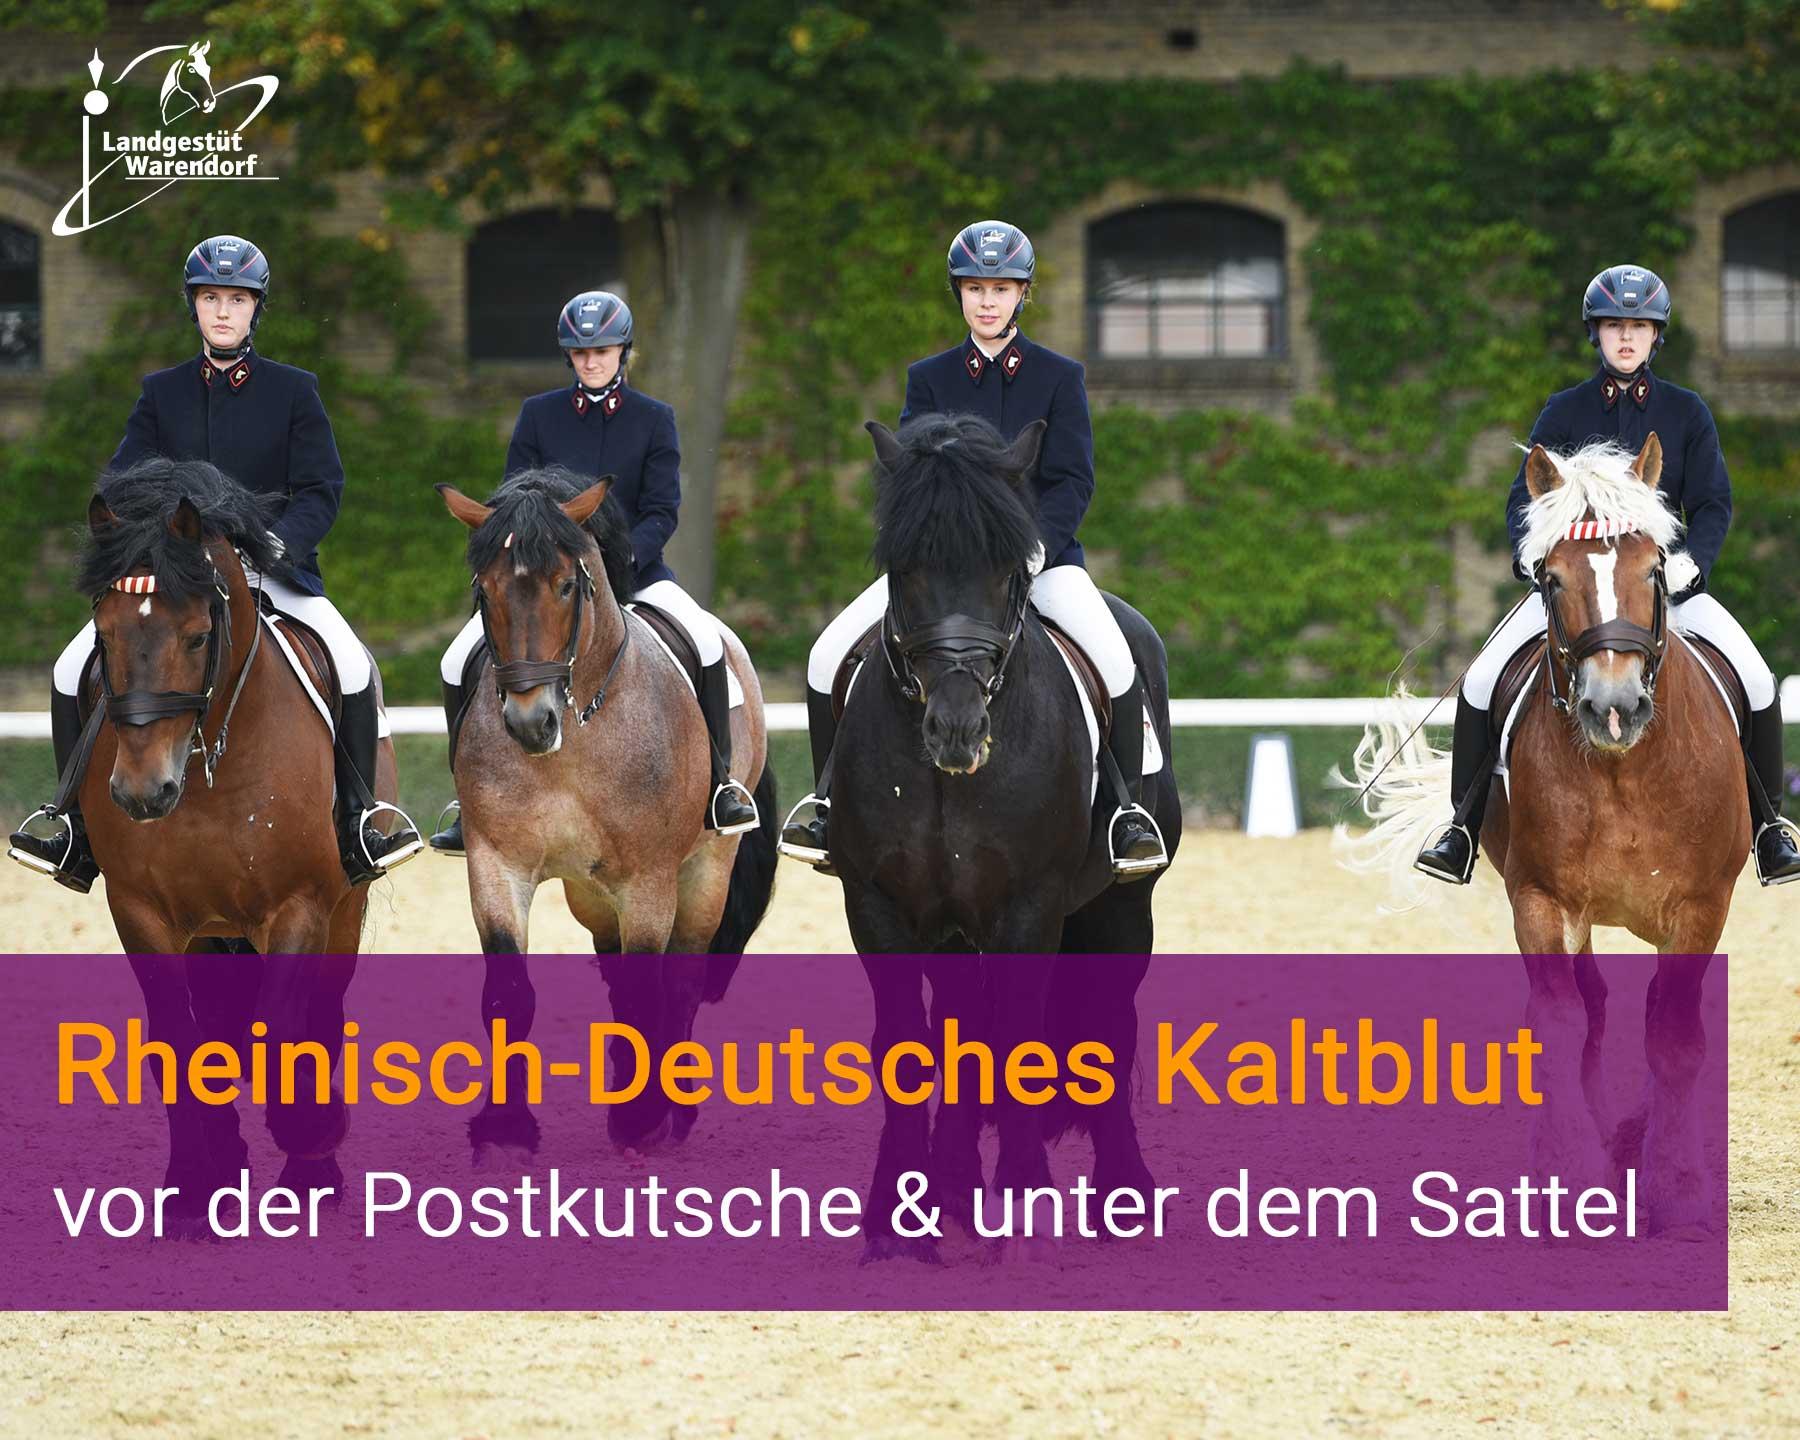 Rheinisch-Deutsches Kaltblut